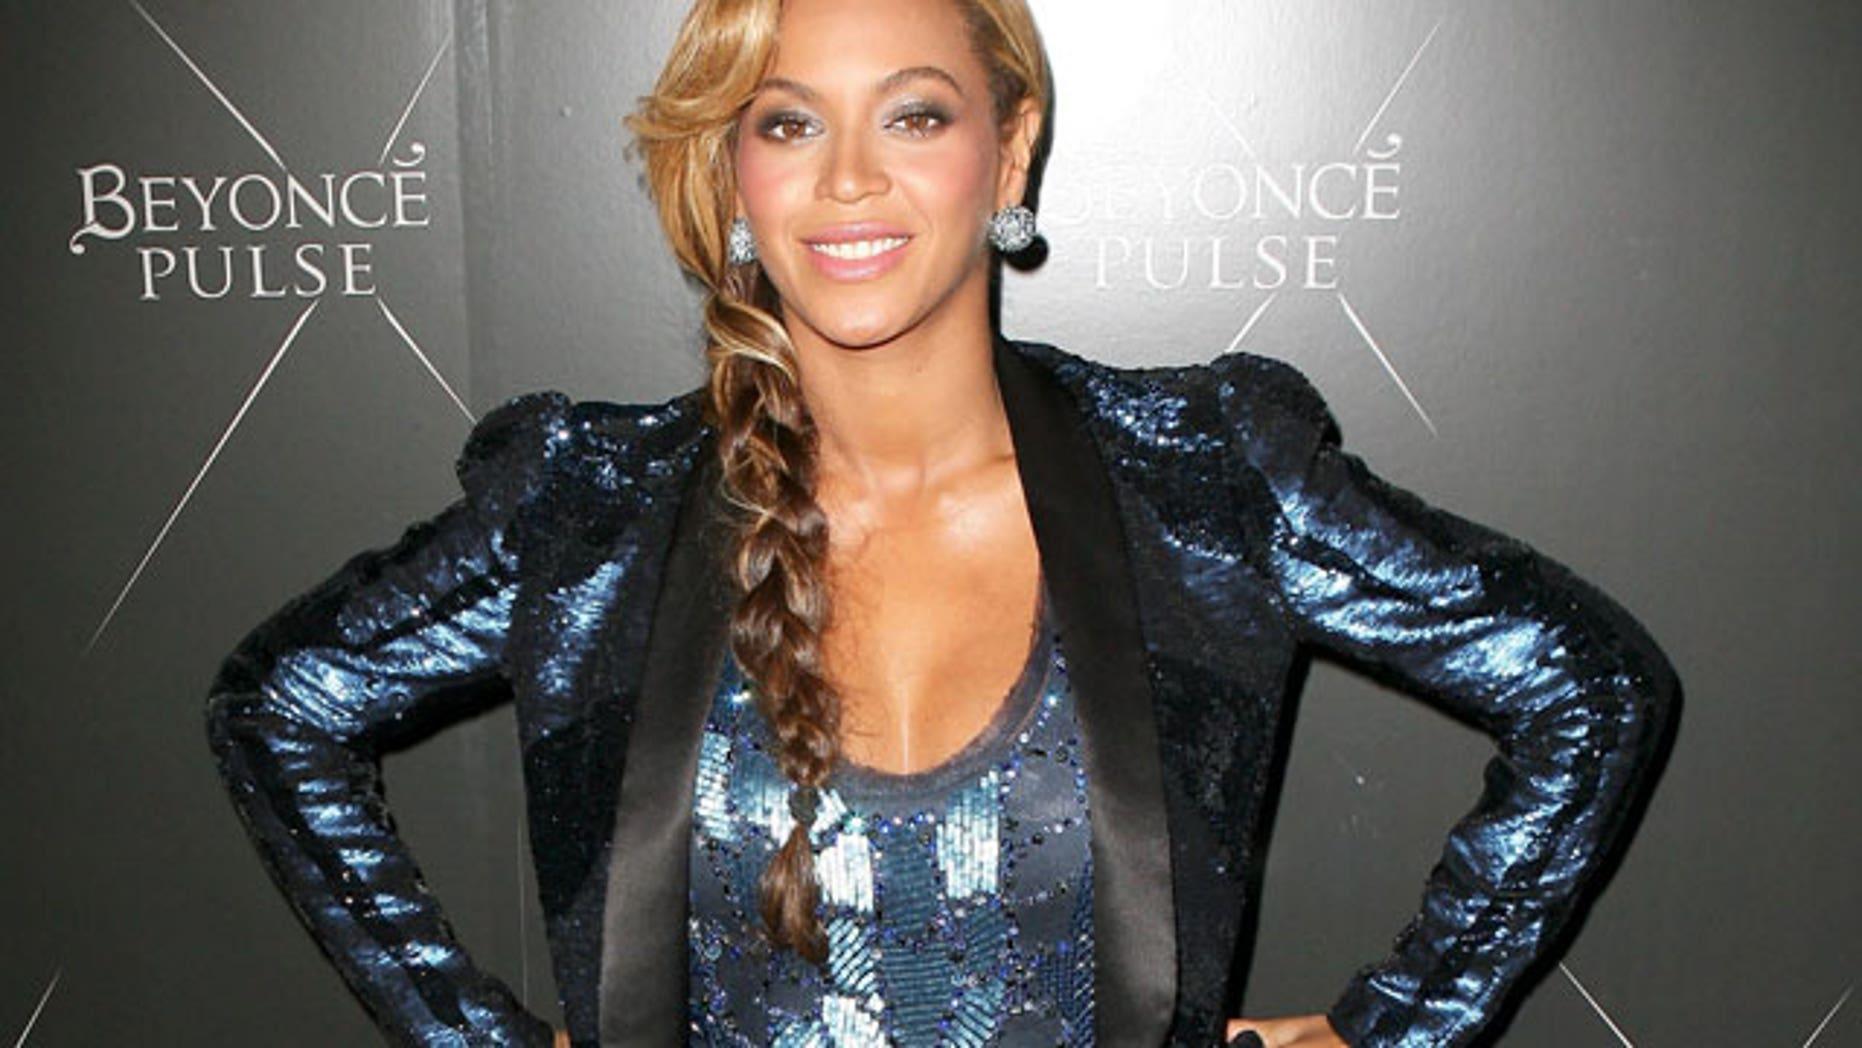 Beyonce (X17 Online)